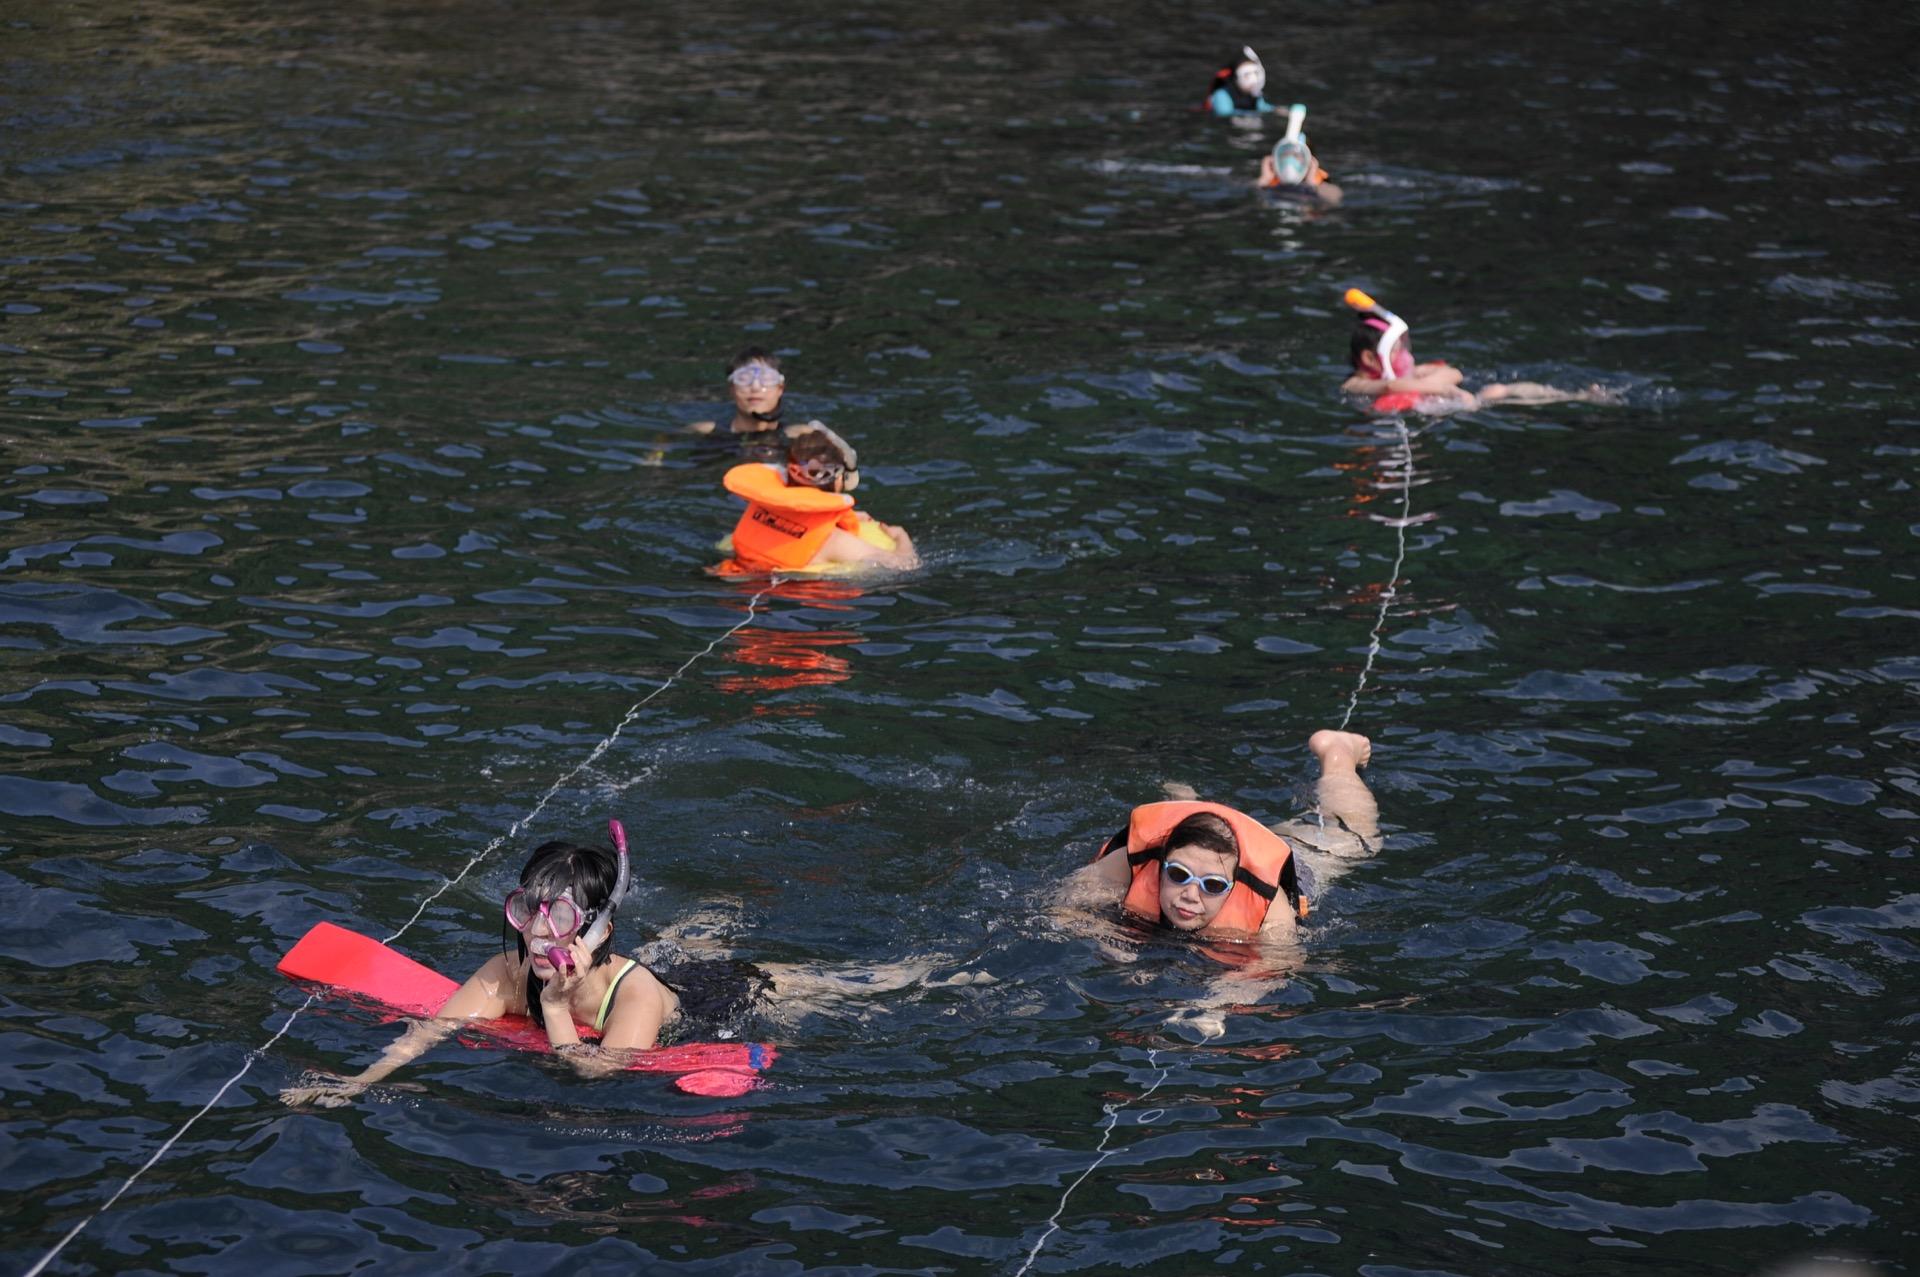 德築-DEZU-project-Fun3sport-snorkeling-ocean-6